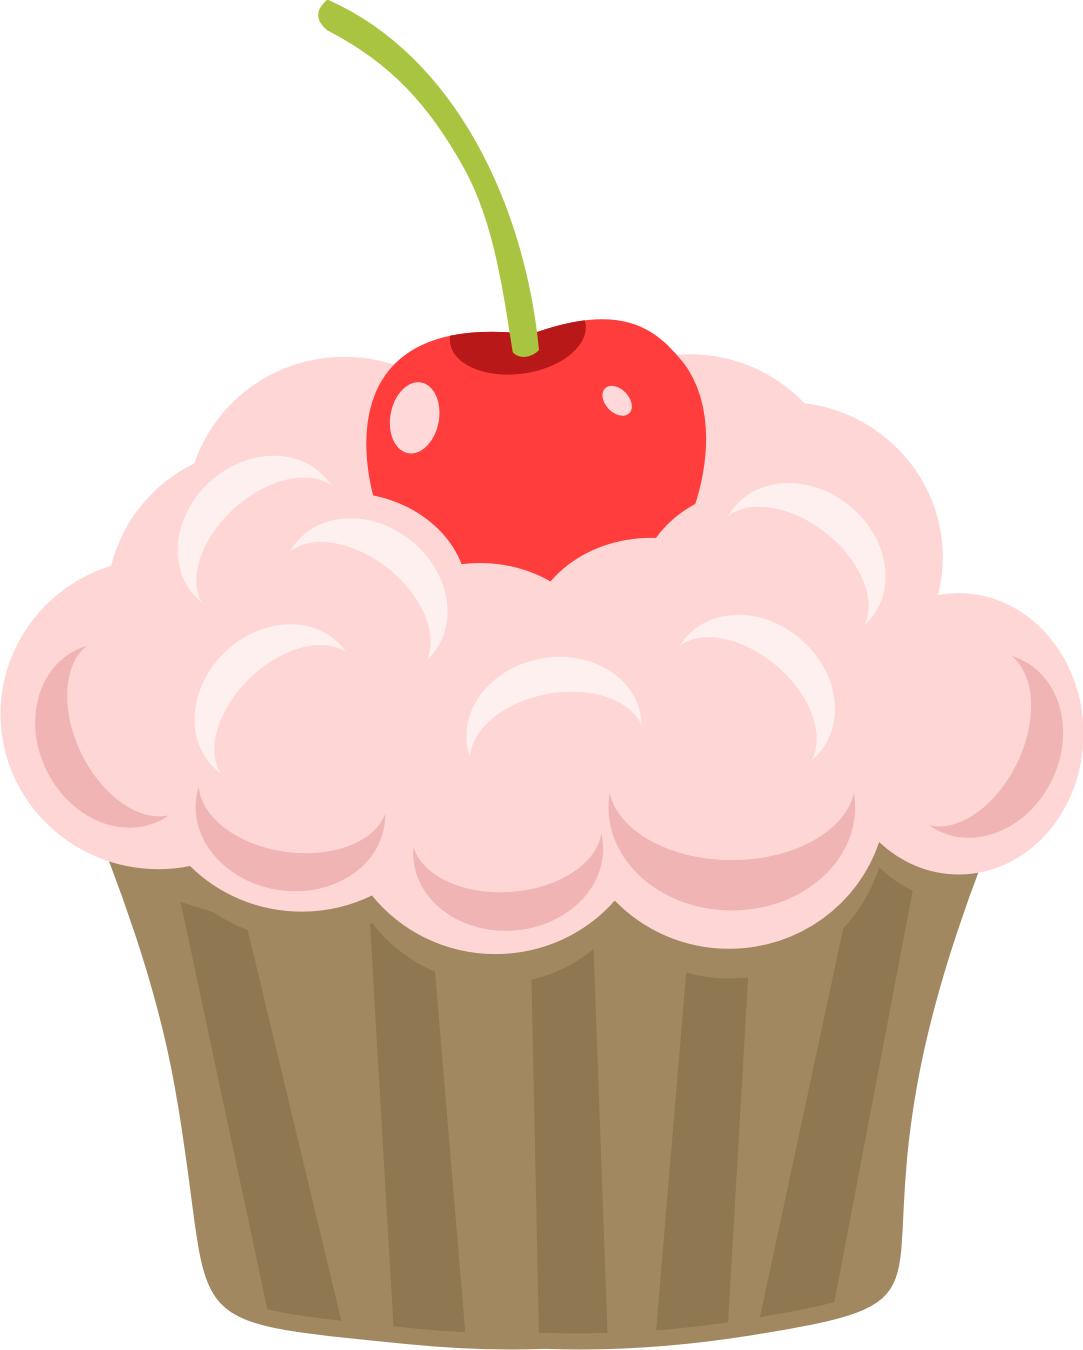 Cozinha Cupcake Png Minus Cupcake Desenho Ilustracao De Bolos Festa Confeitaria